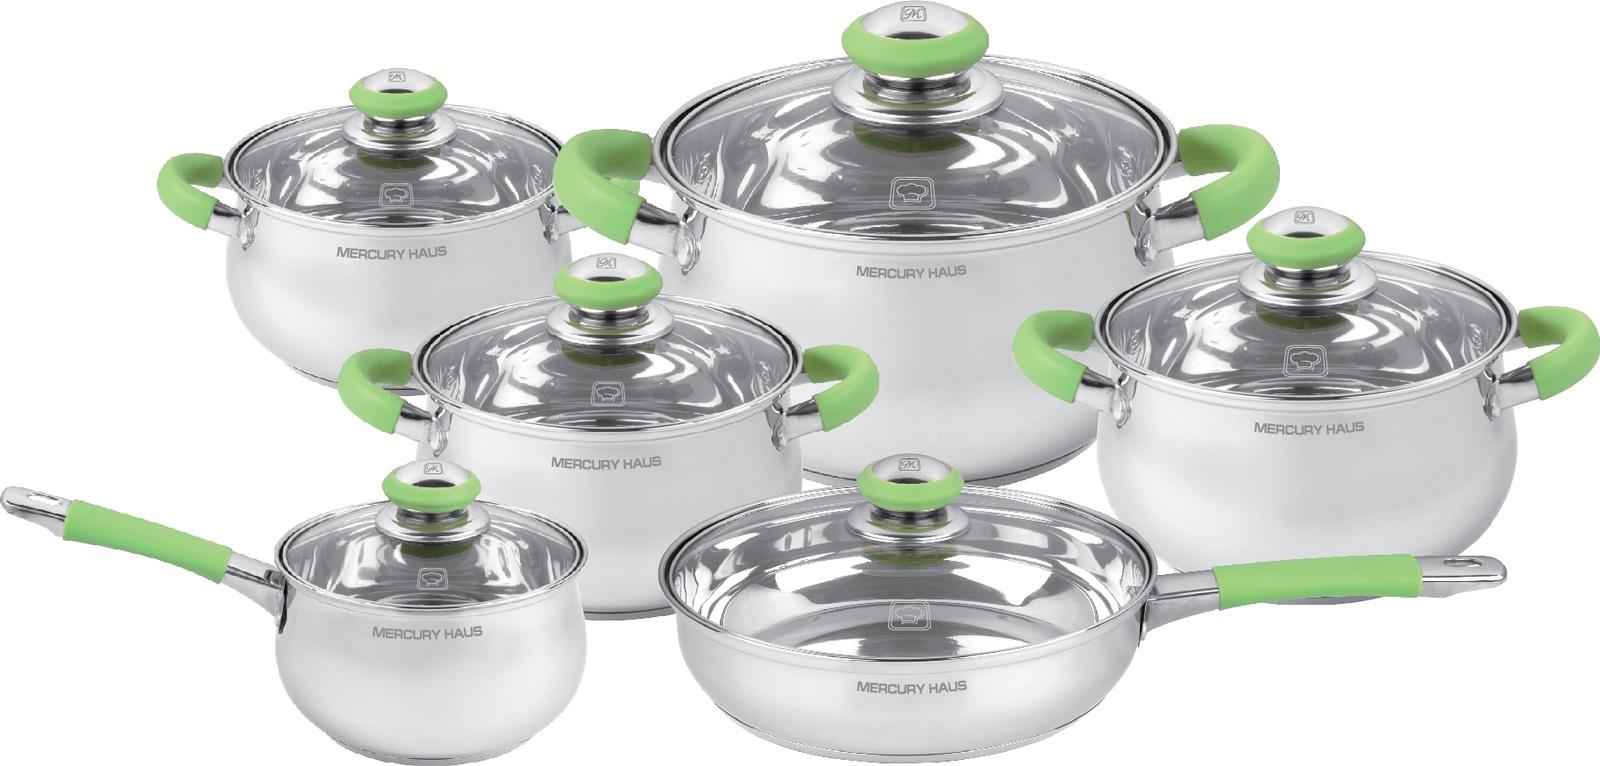 Комплект посуды для приготовления Mercury Haus MC - 7023, светло-серый